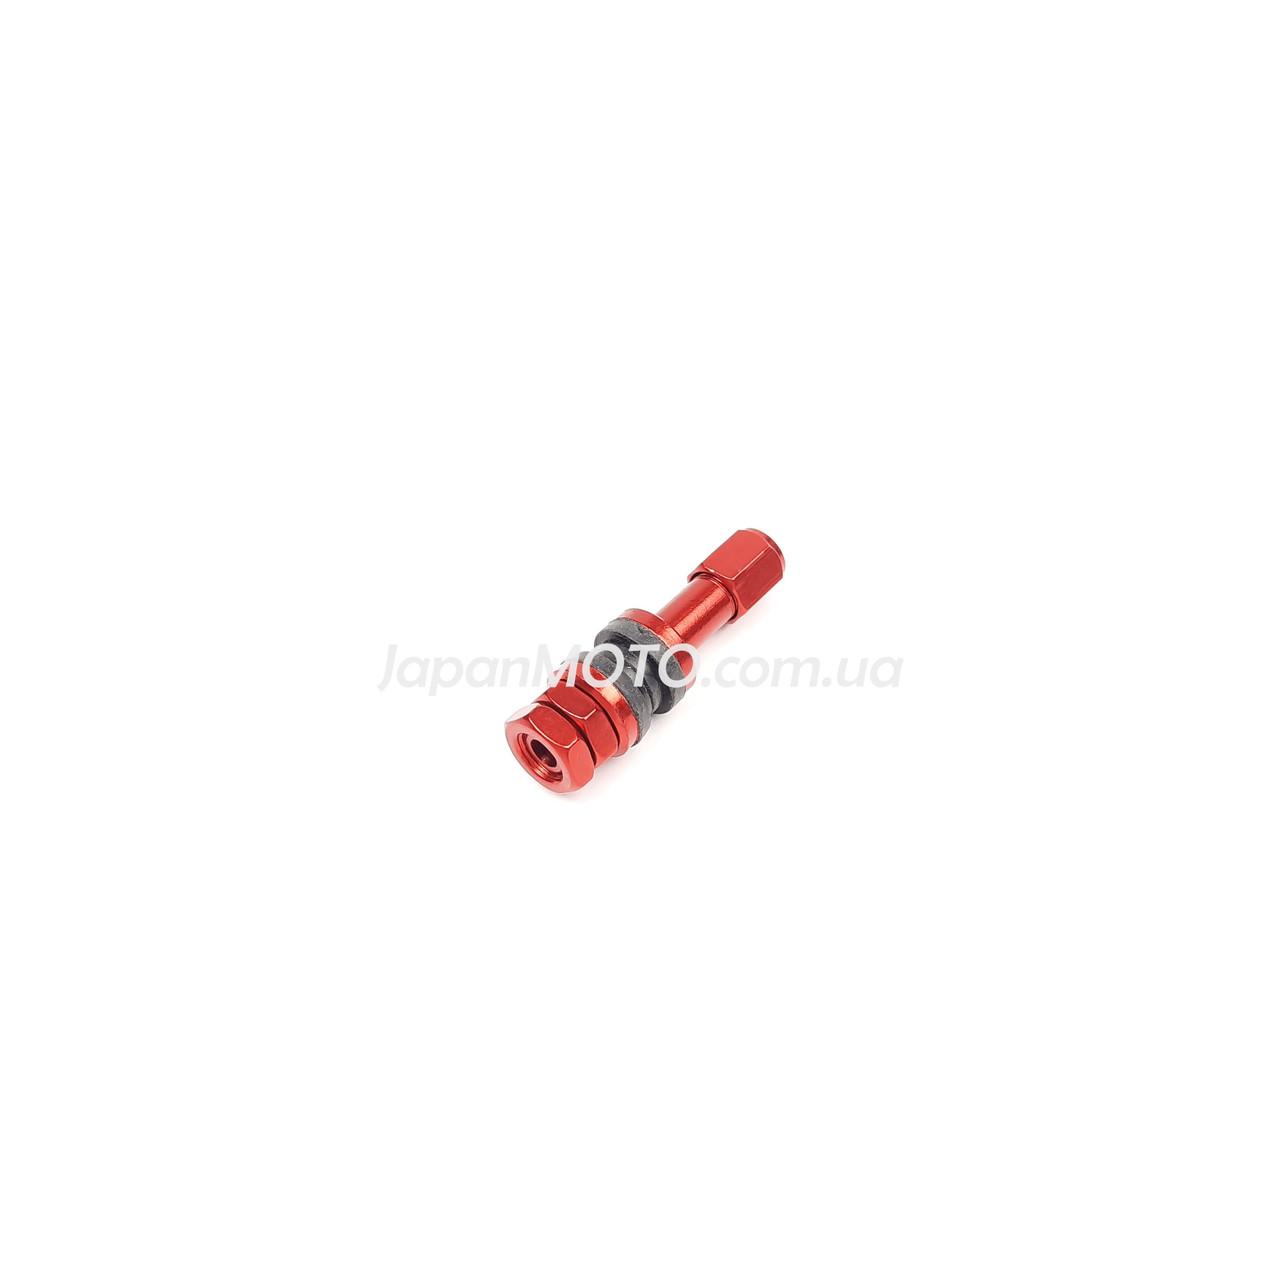 Ниппель-вентиль колеса стайлинговый прямой, красный